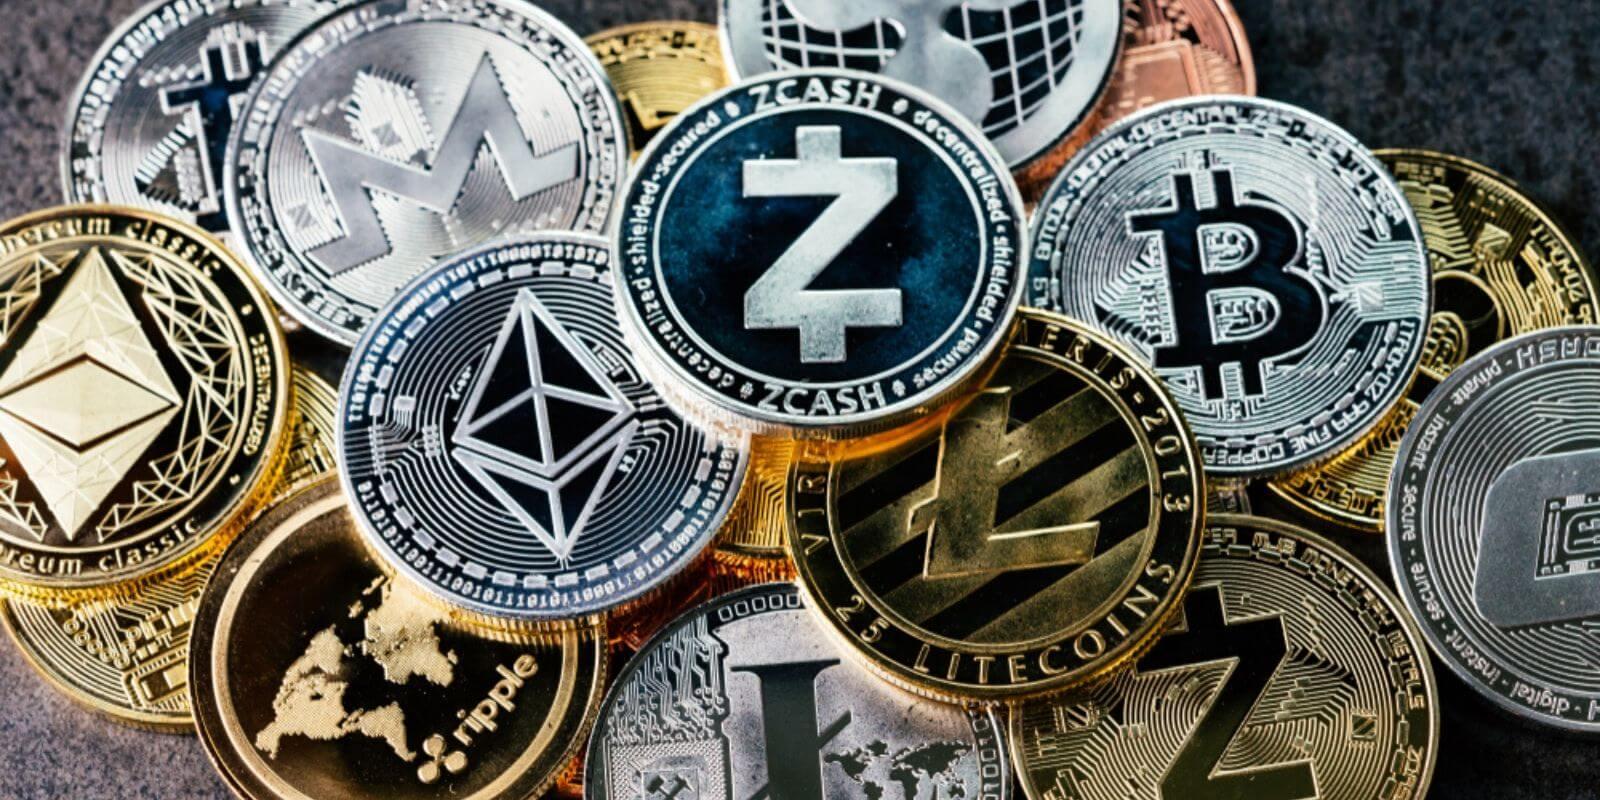 Bitcoin à 10.000 Mds $, mais ADA, DOT et ETH dans son sillage - Cryptonaute